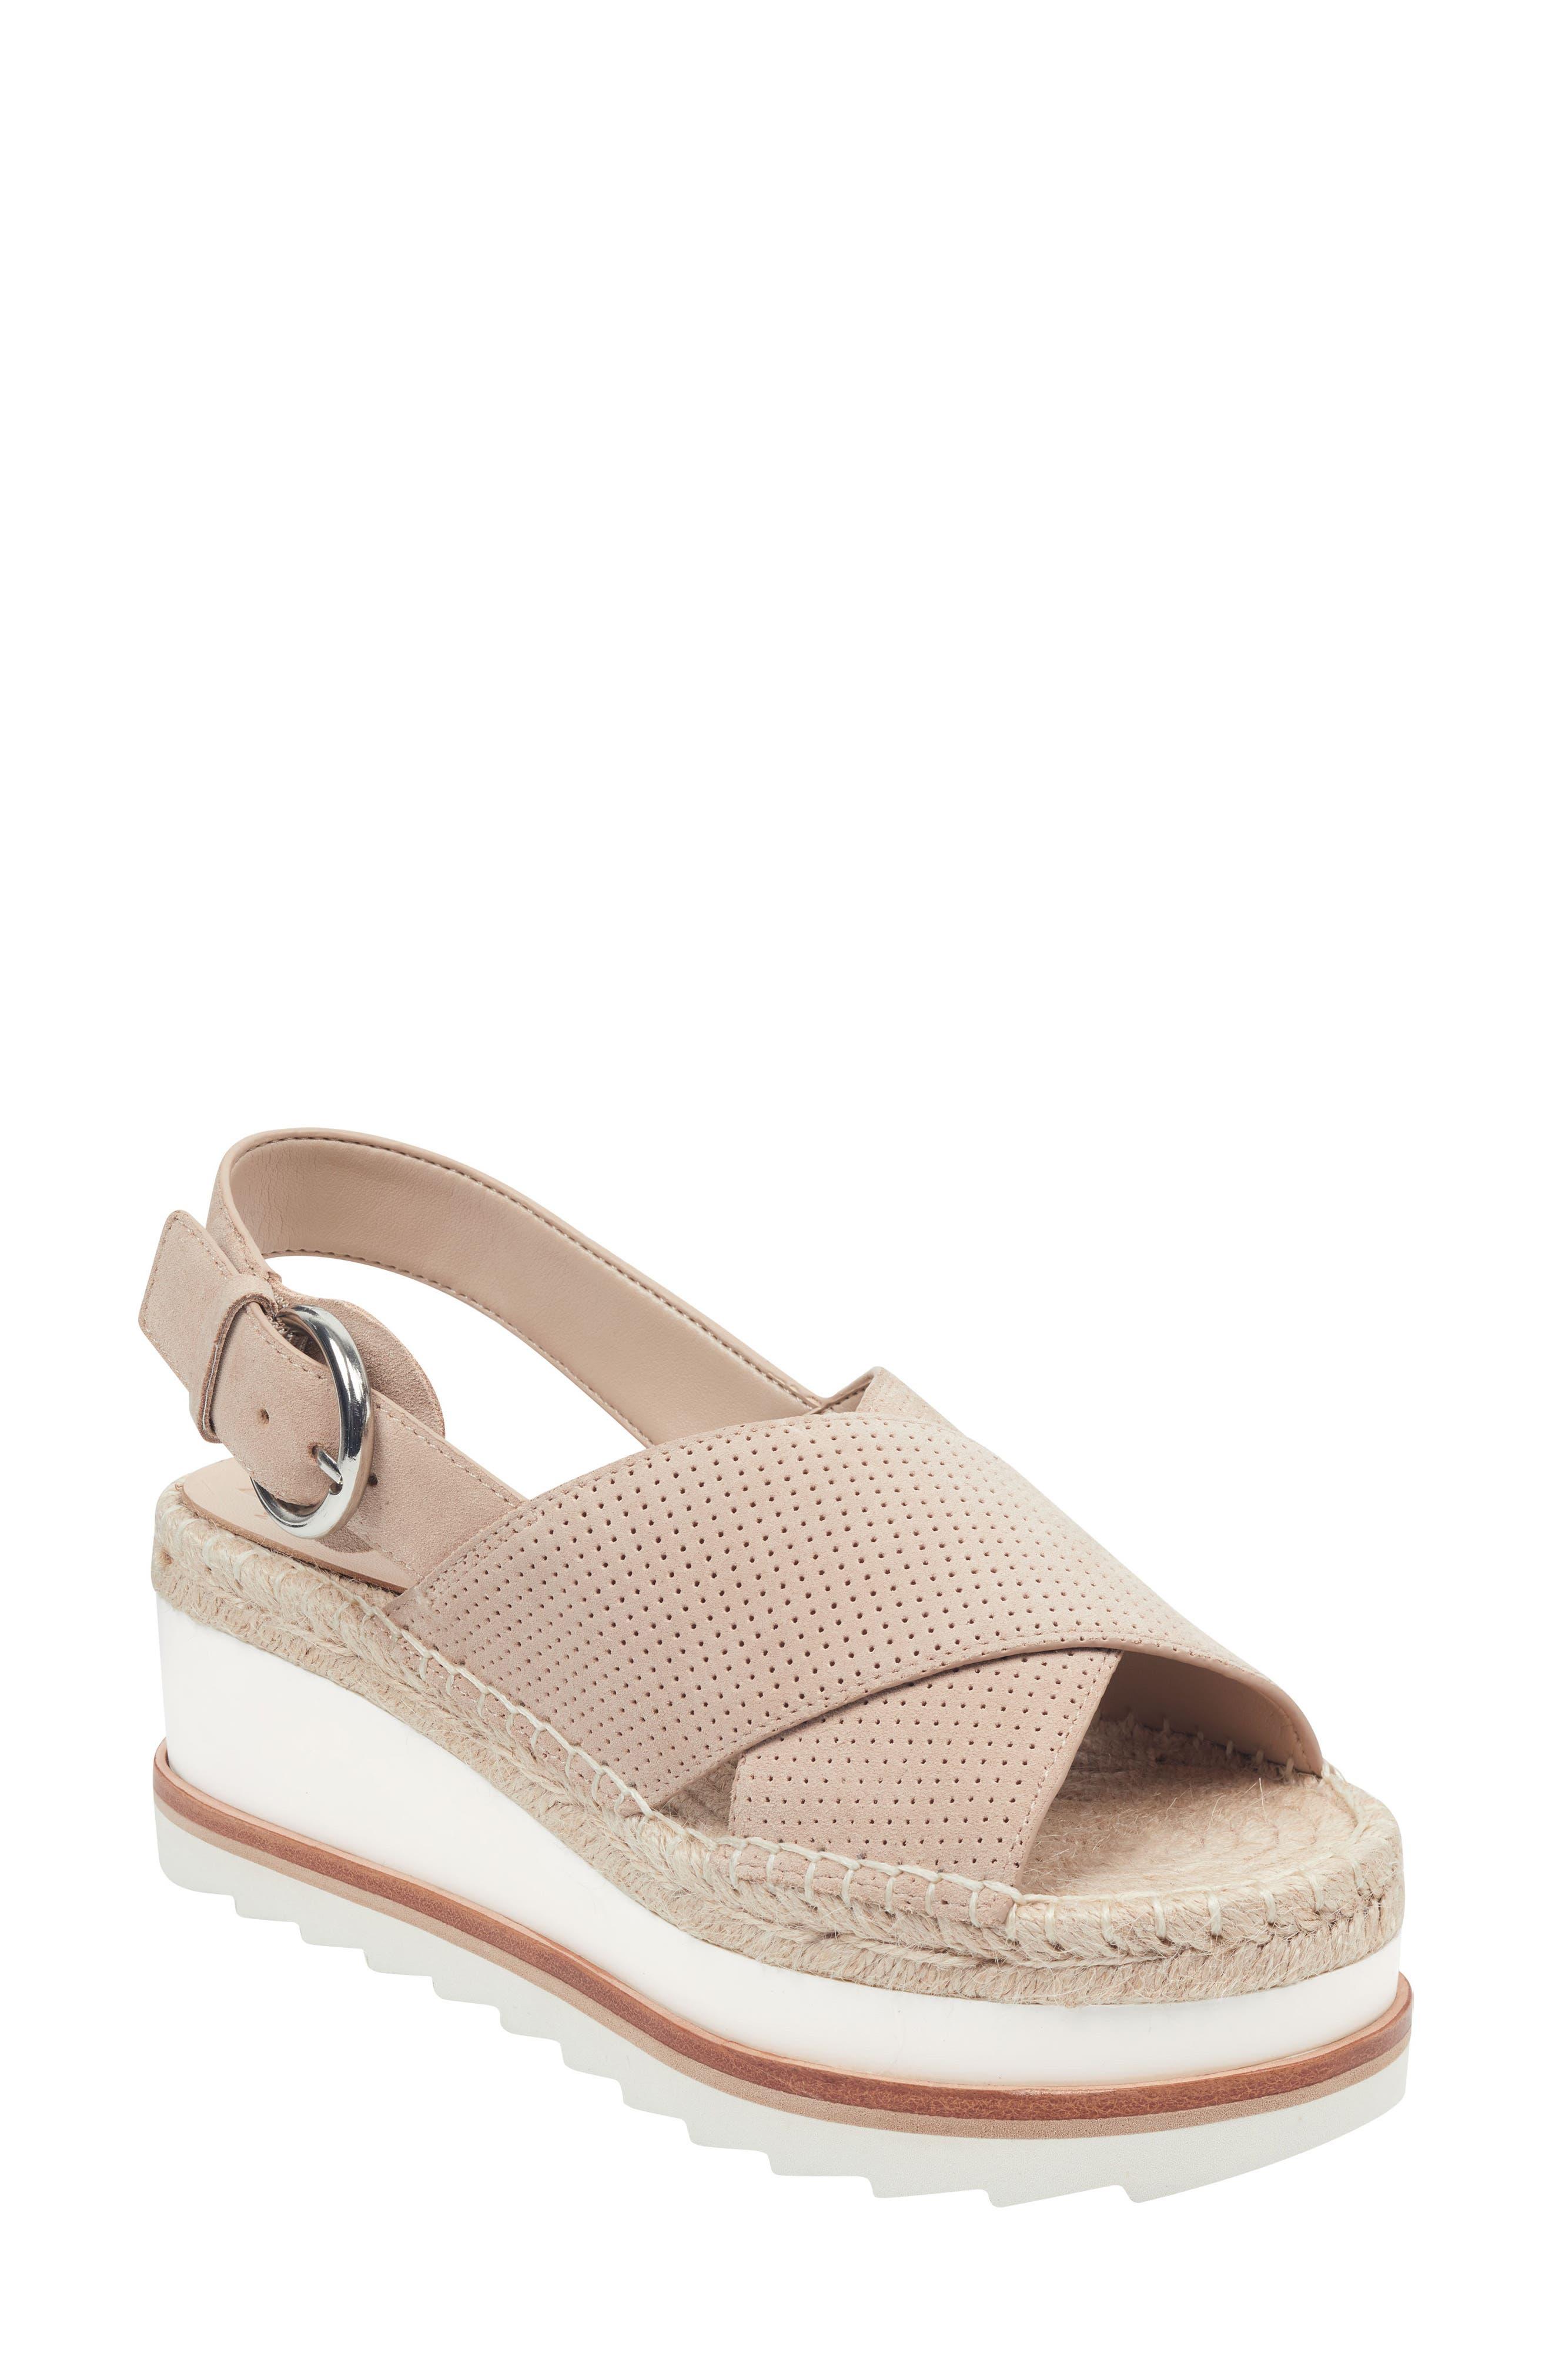 Gellyn Slingback Sandal, Main, color, LIGHT NATURAL SUEDE